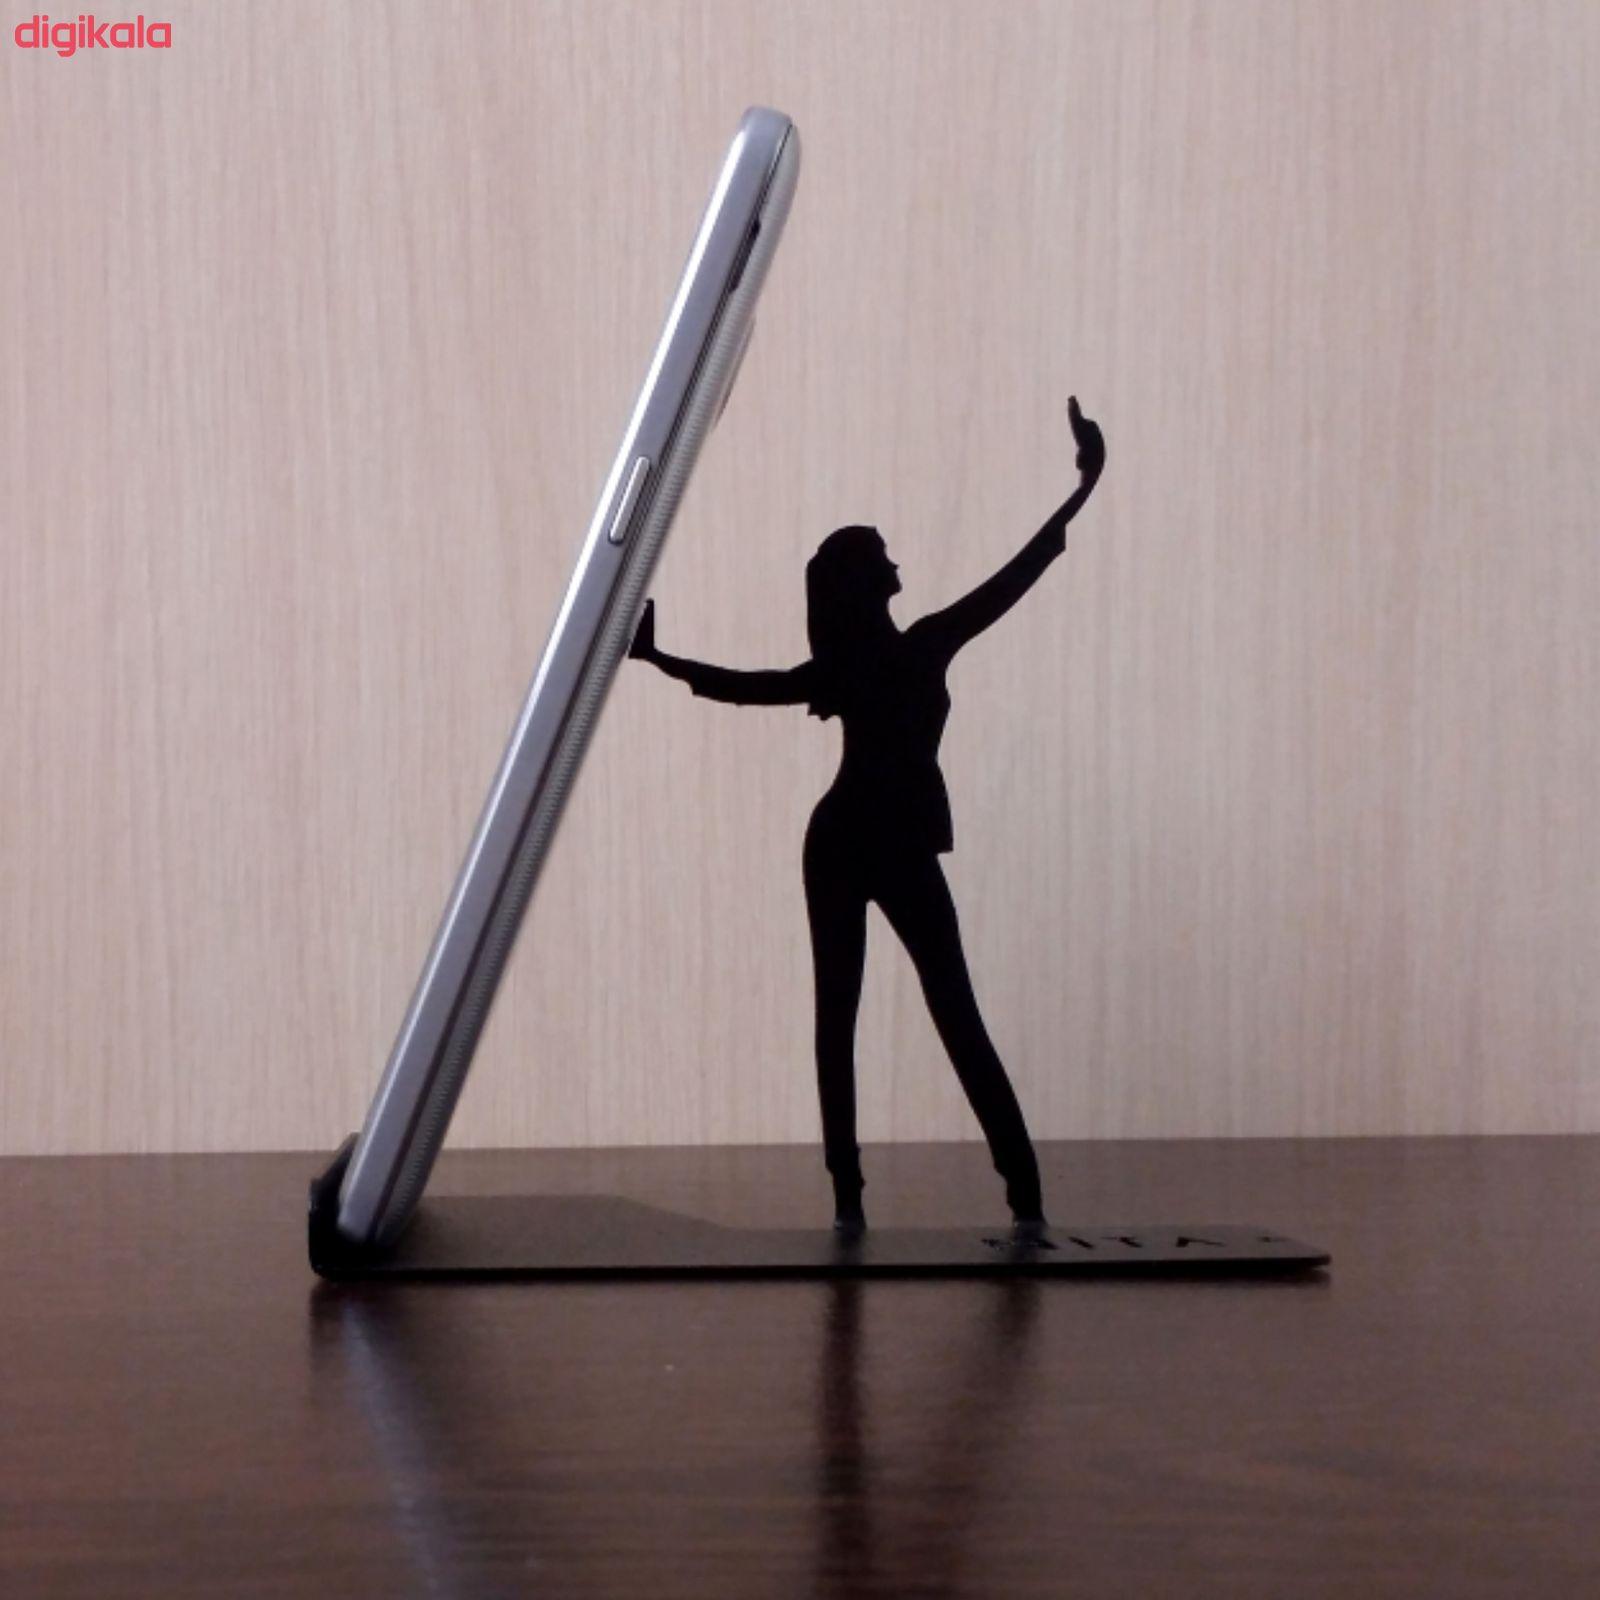 پایه نگهدارنده گوشی موبایل نیتا کد 206-1 main 1 8